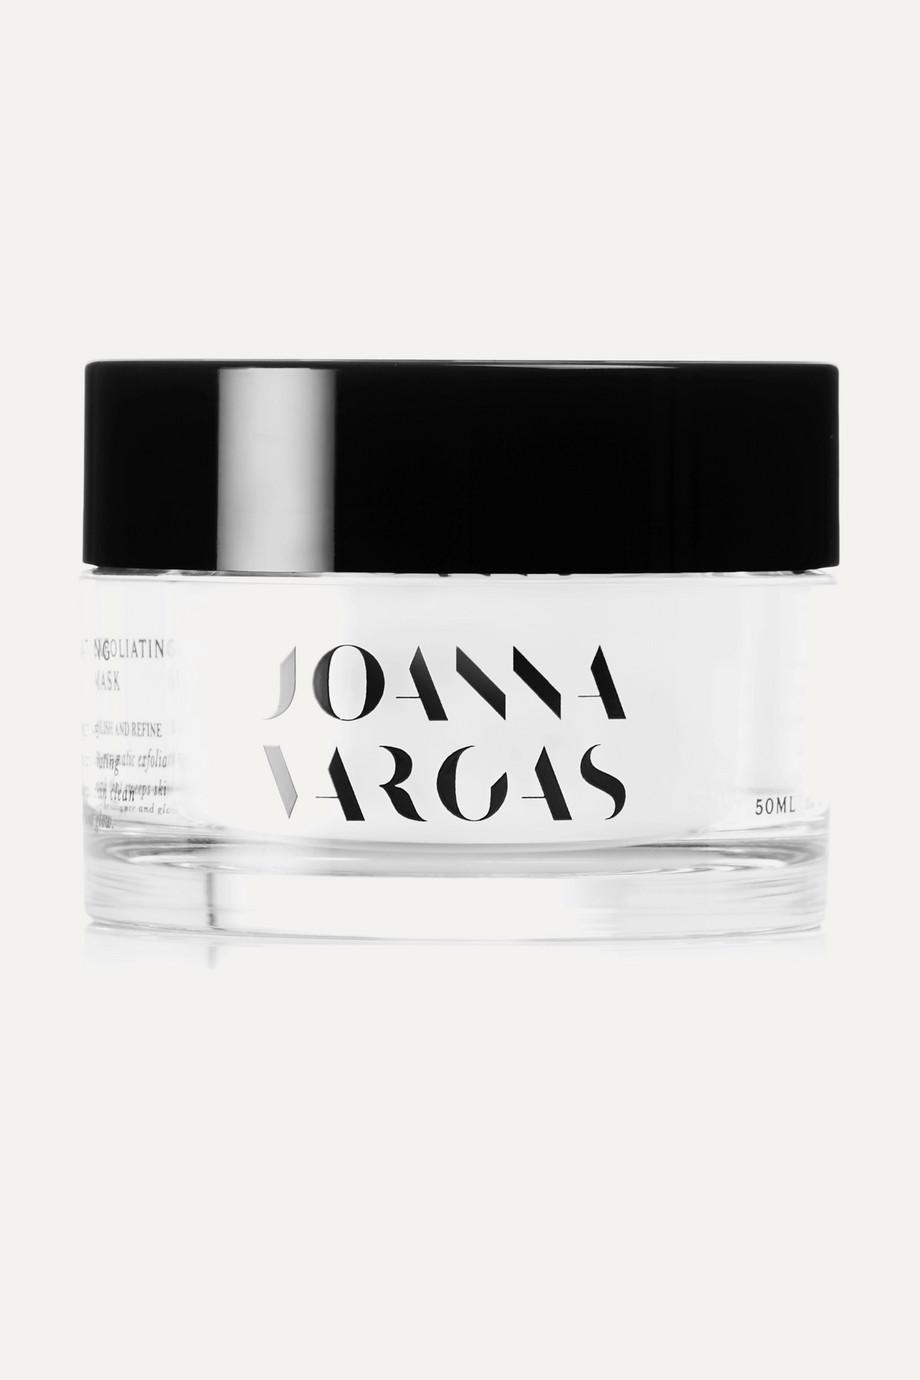 Joanna Vargas Exfoliating Mask, 50 ml – Peeling-Maske